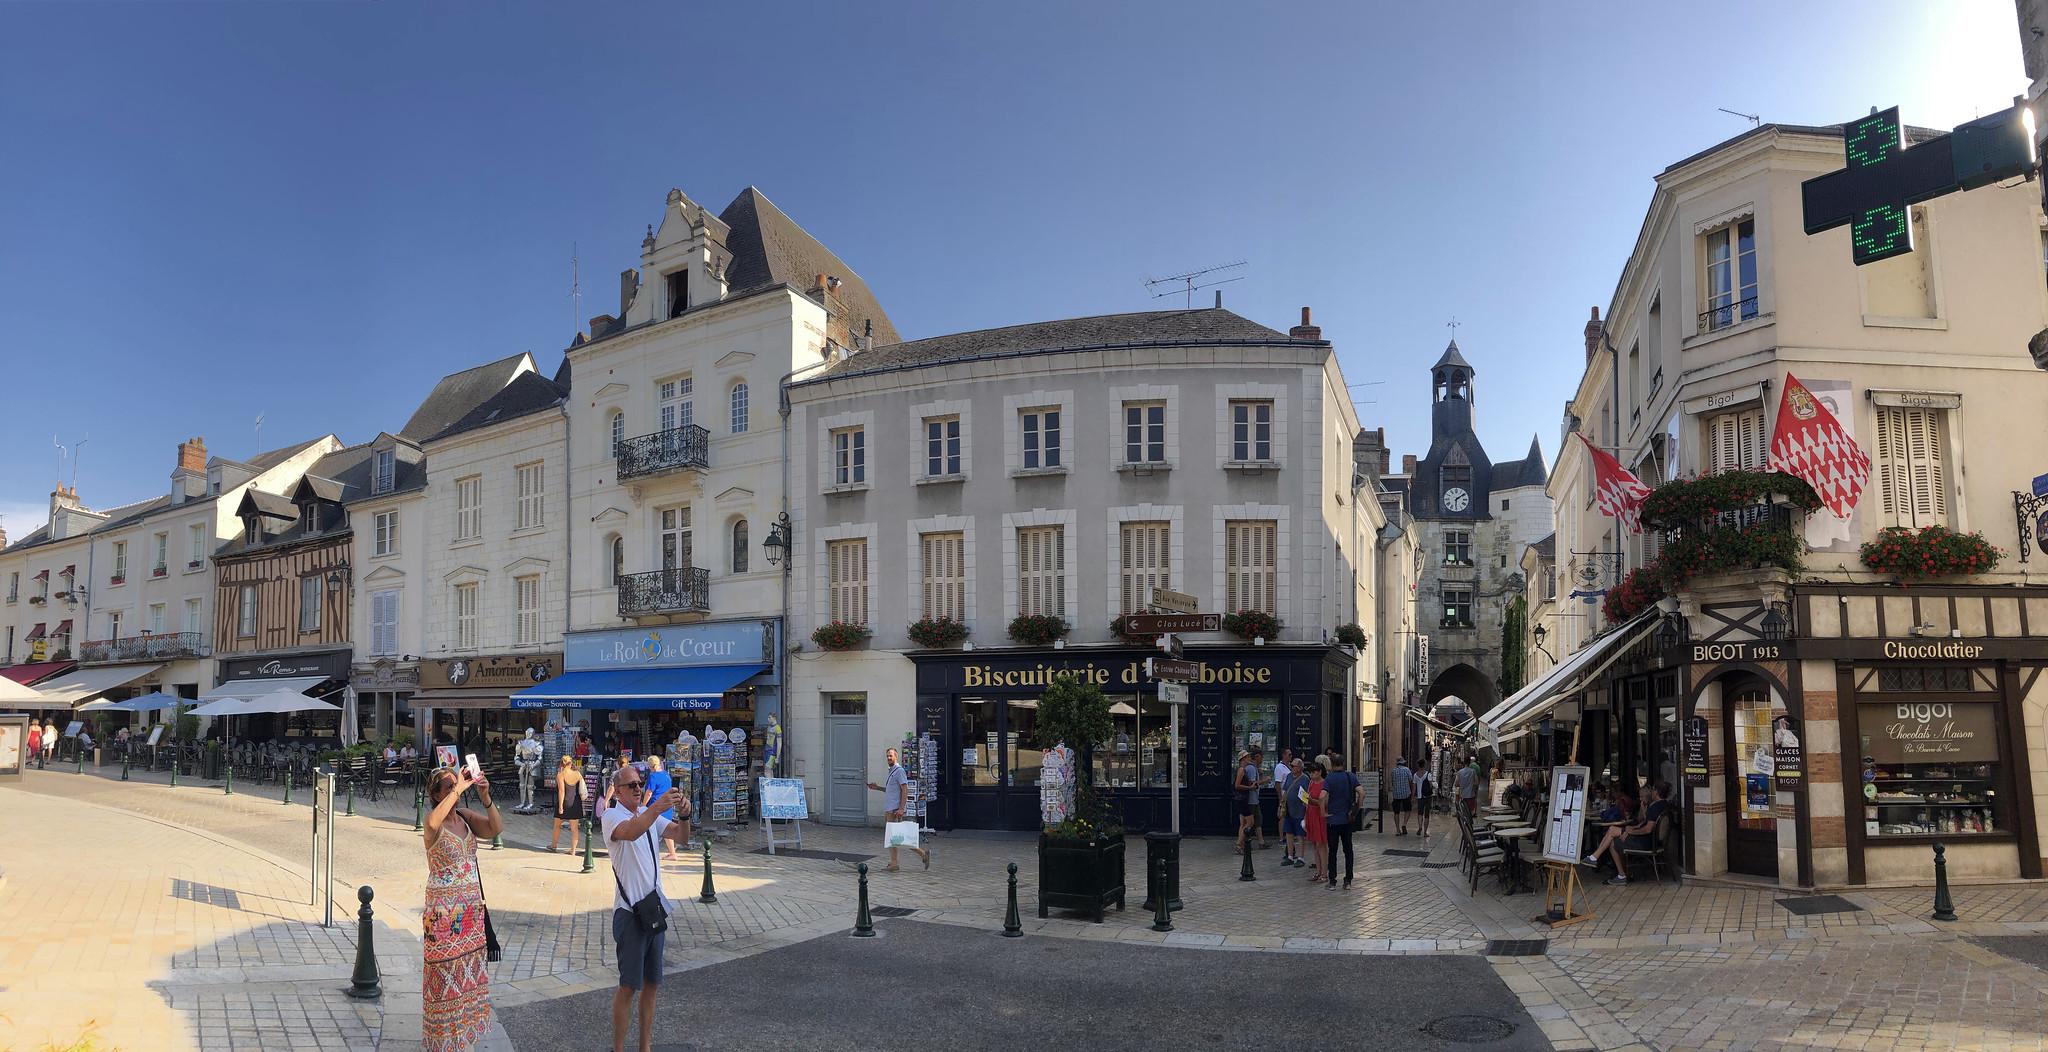 Valle del Loira en 2 días, Francia - Amboise, Tours, Chenonceau valle del loira en 2 días - 48643931457 212dc57ce1 k - Valle del Loira en 2 días